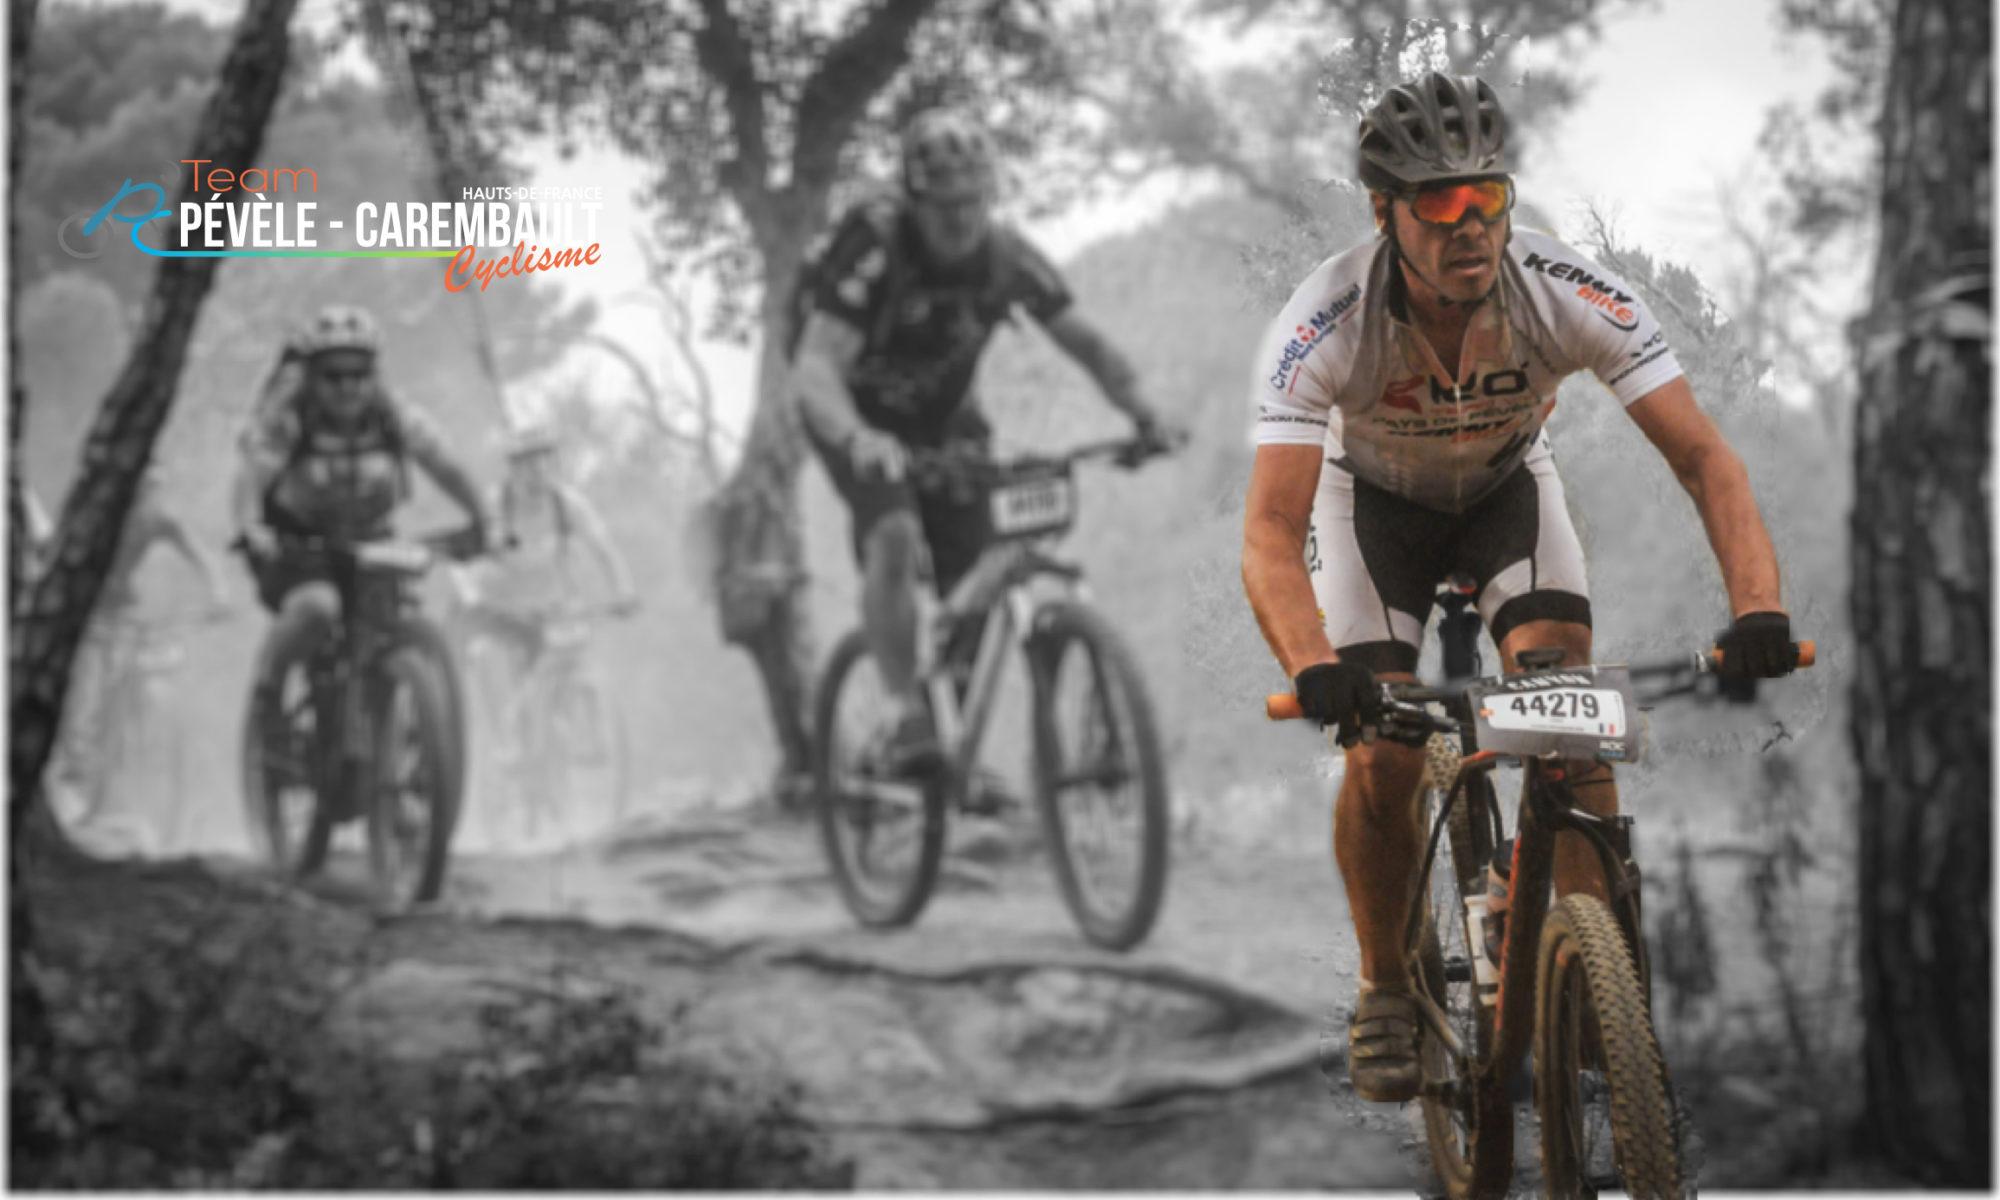 Team Pévèle - Carembault Cyclisme